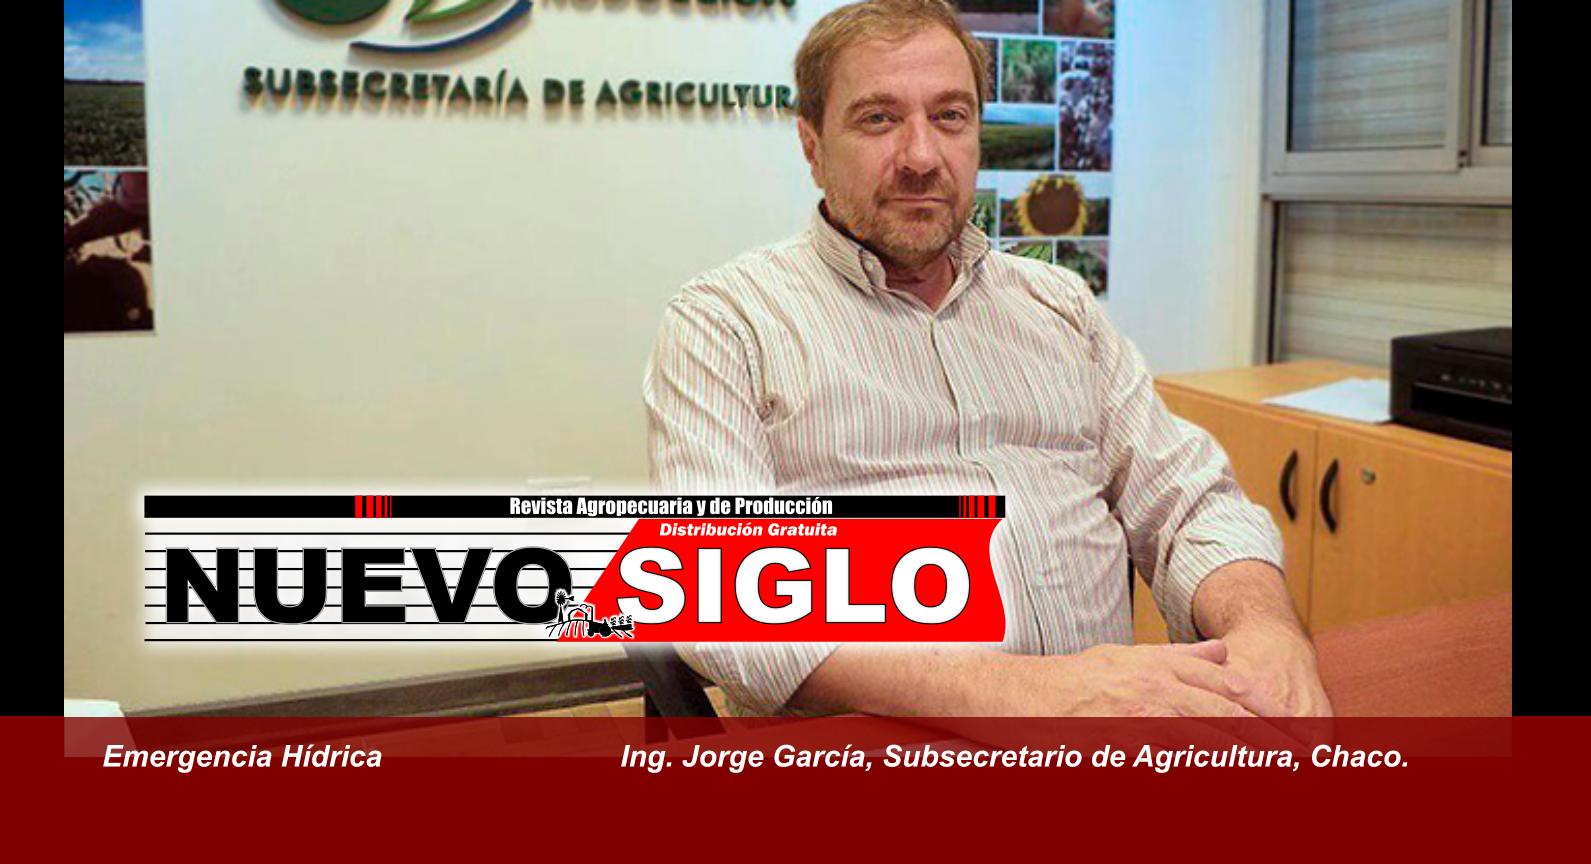 El Ing Jorge Garcia, subsecretario de Agricultura del Chaco, analiza el impacto de las inundaciones en el agro chaqueño.